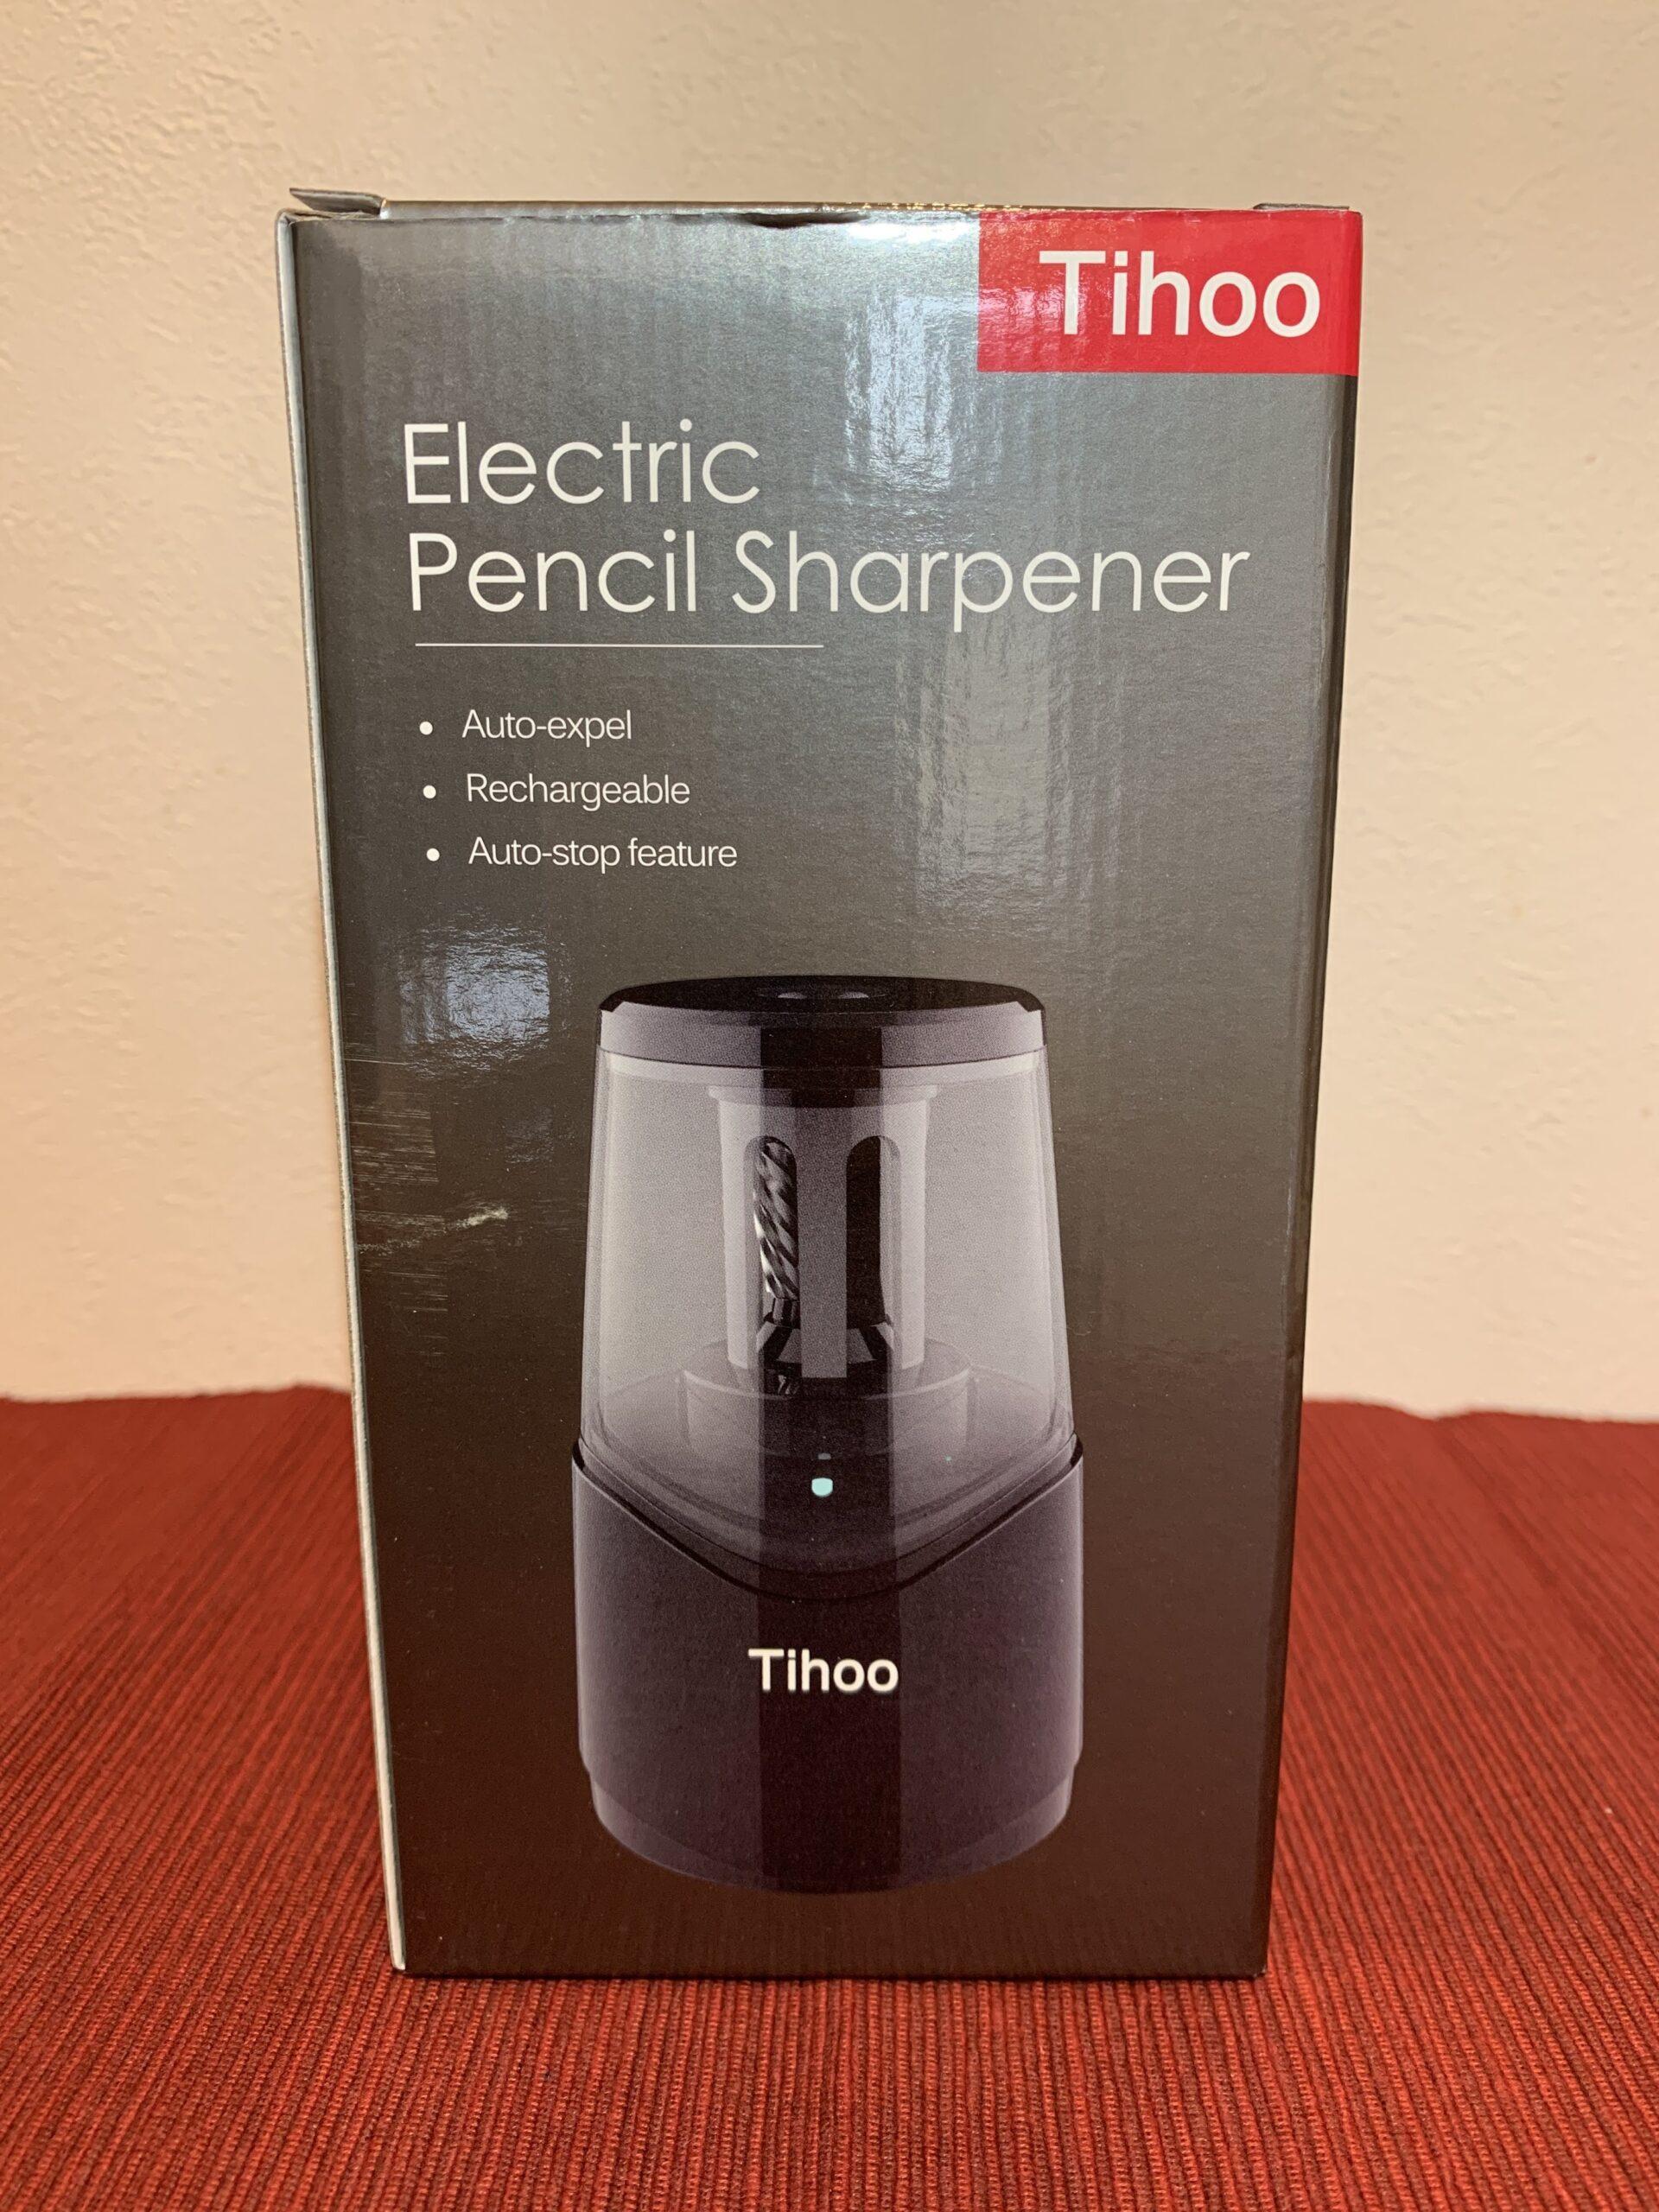 鉛筆削り電動(Tihoo電動シャープナー)USB充電の使い心地は?